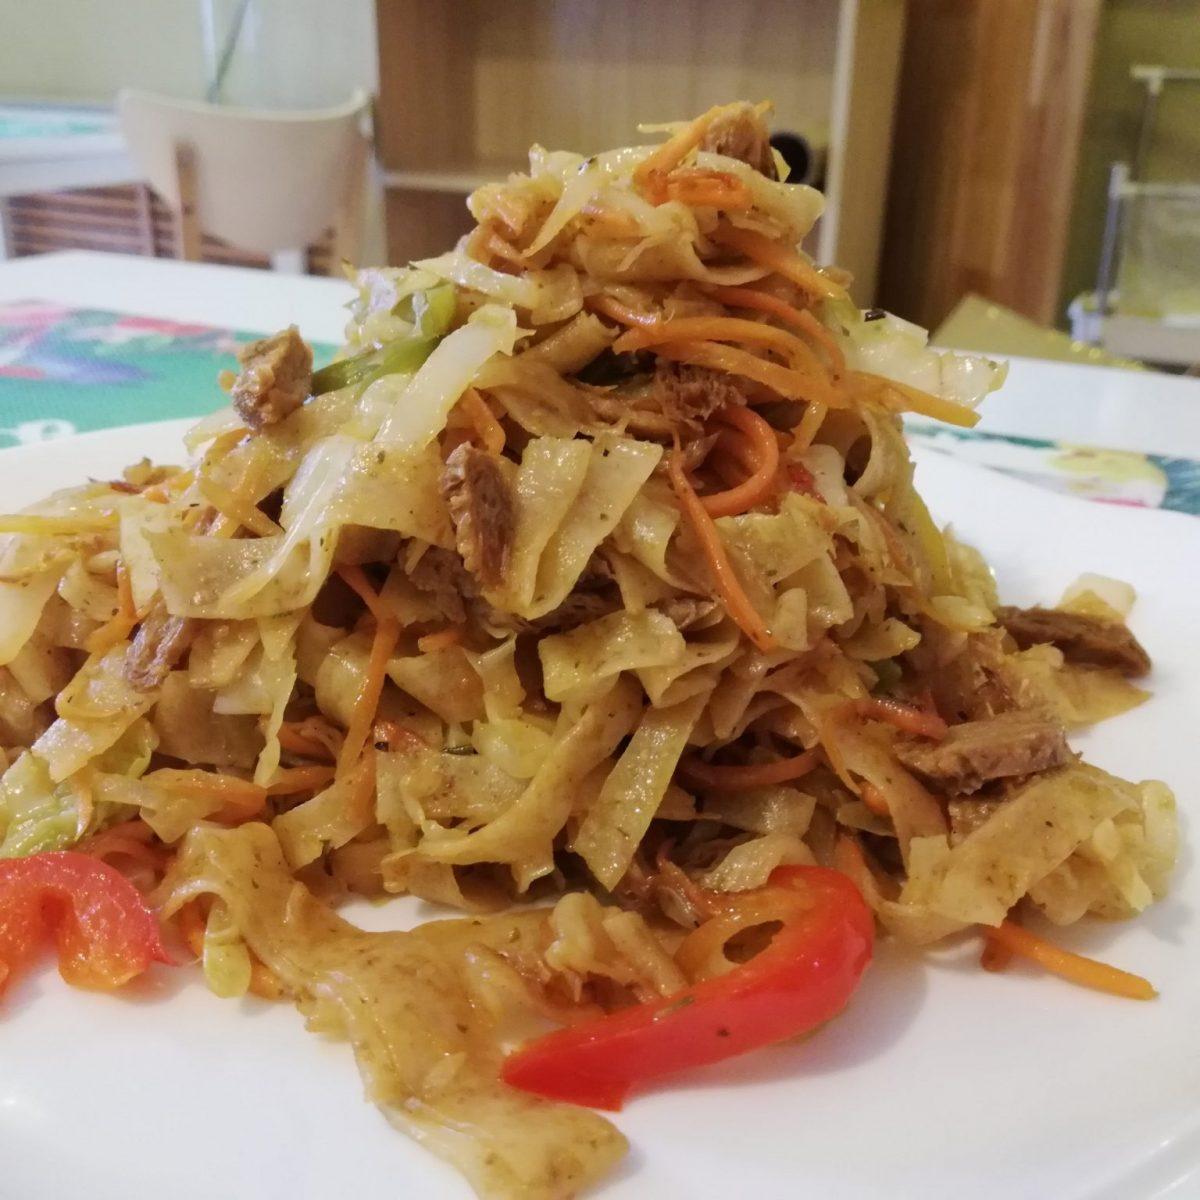 Tsuivan fried noodles